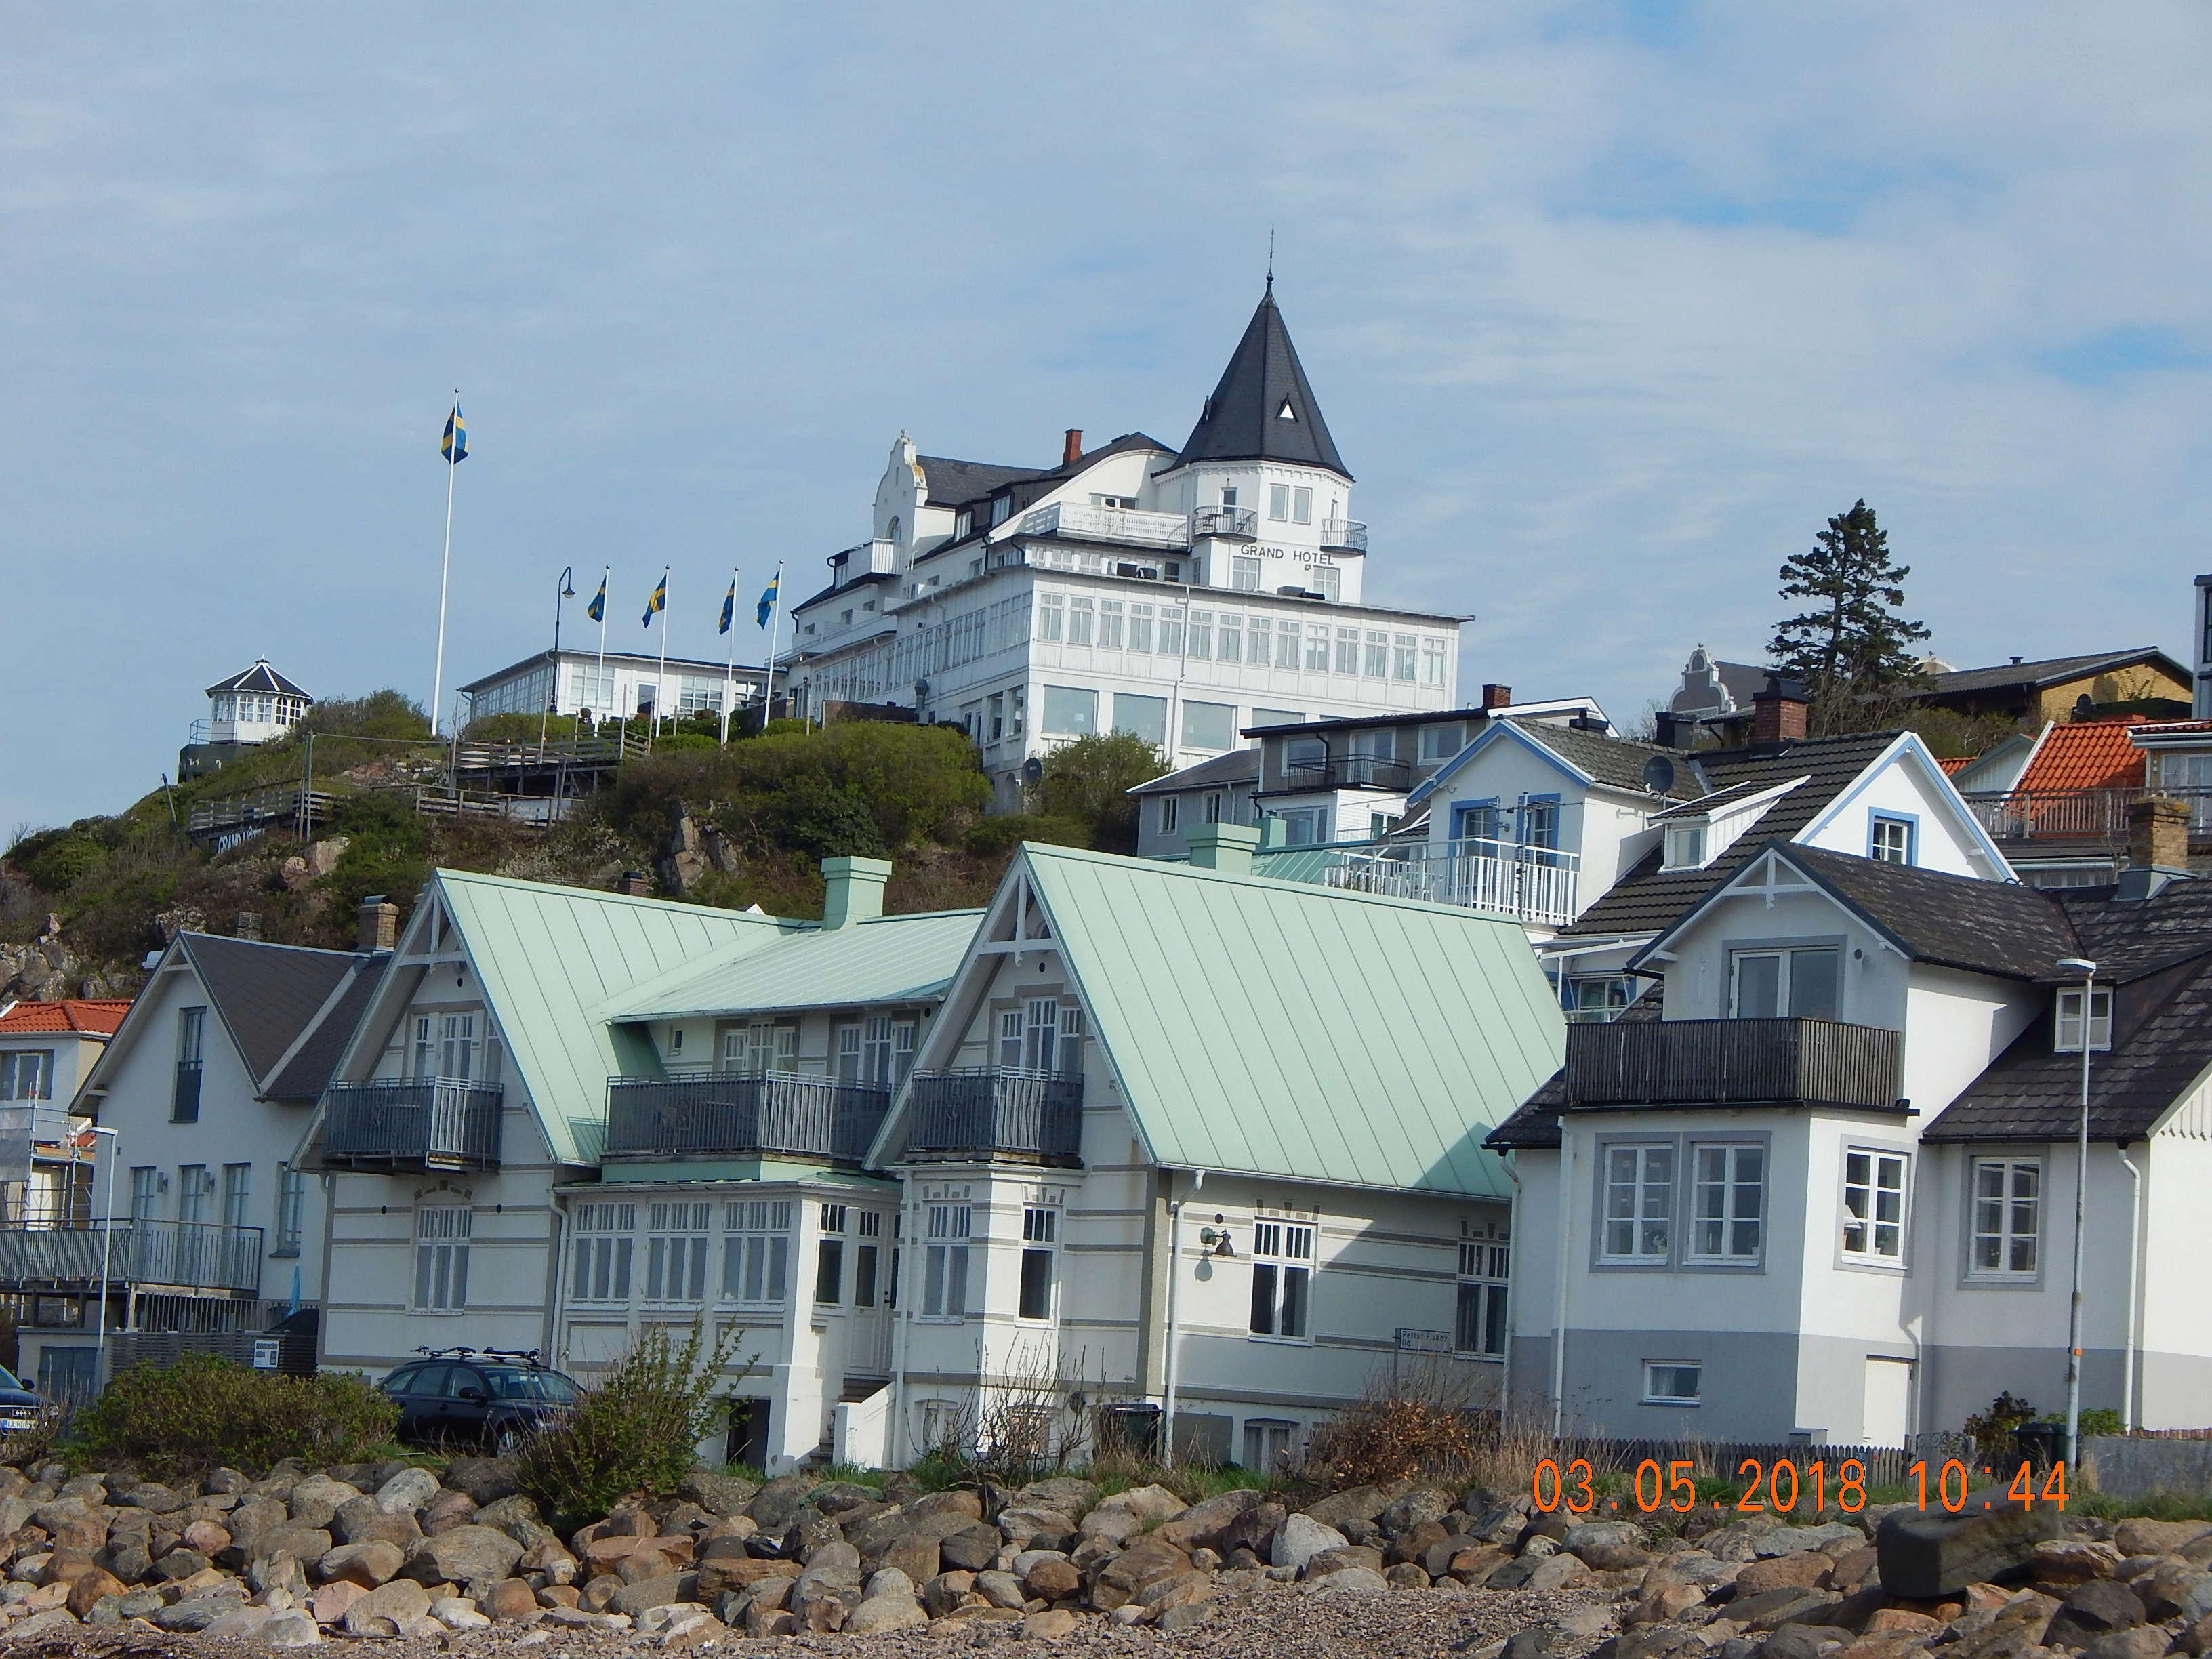 Романтическое путешествие в Скандинавию. - Страница 2 Dscn4235